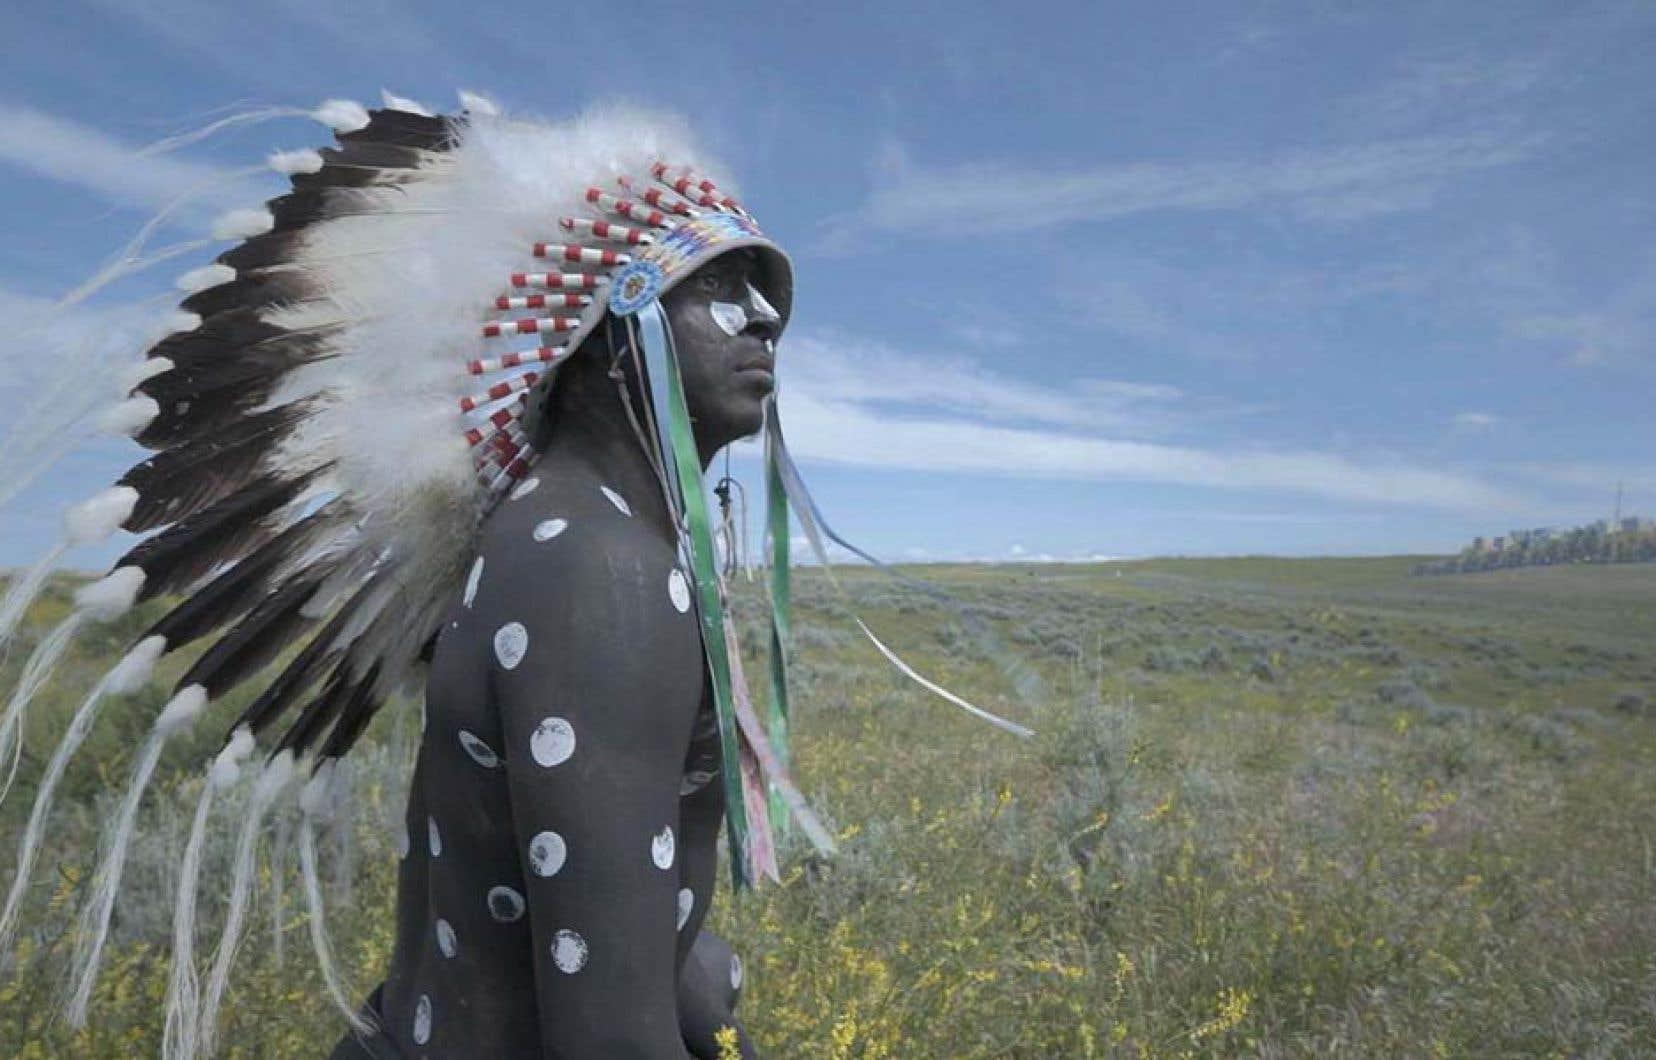 Le grand intérêt du documentaire <em>Inconvenient Indian</em> de Michelle Latimer est son abord lucide des zones floues de l'identité des Autochtones.